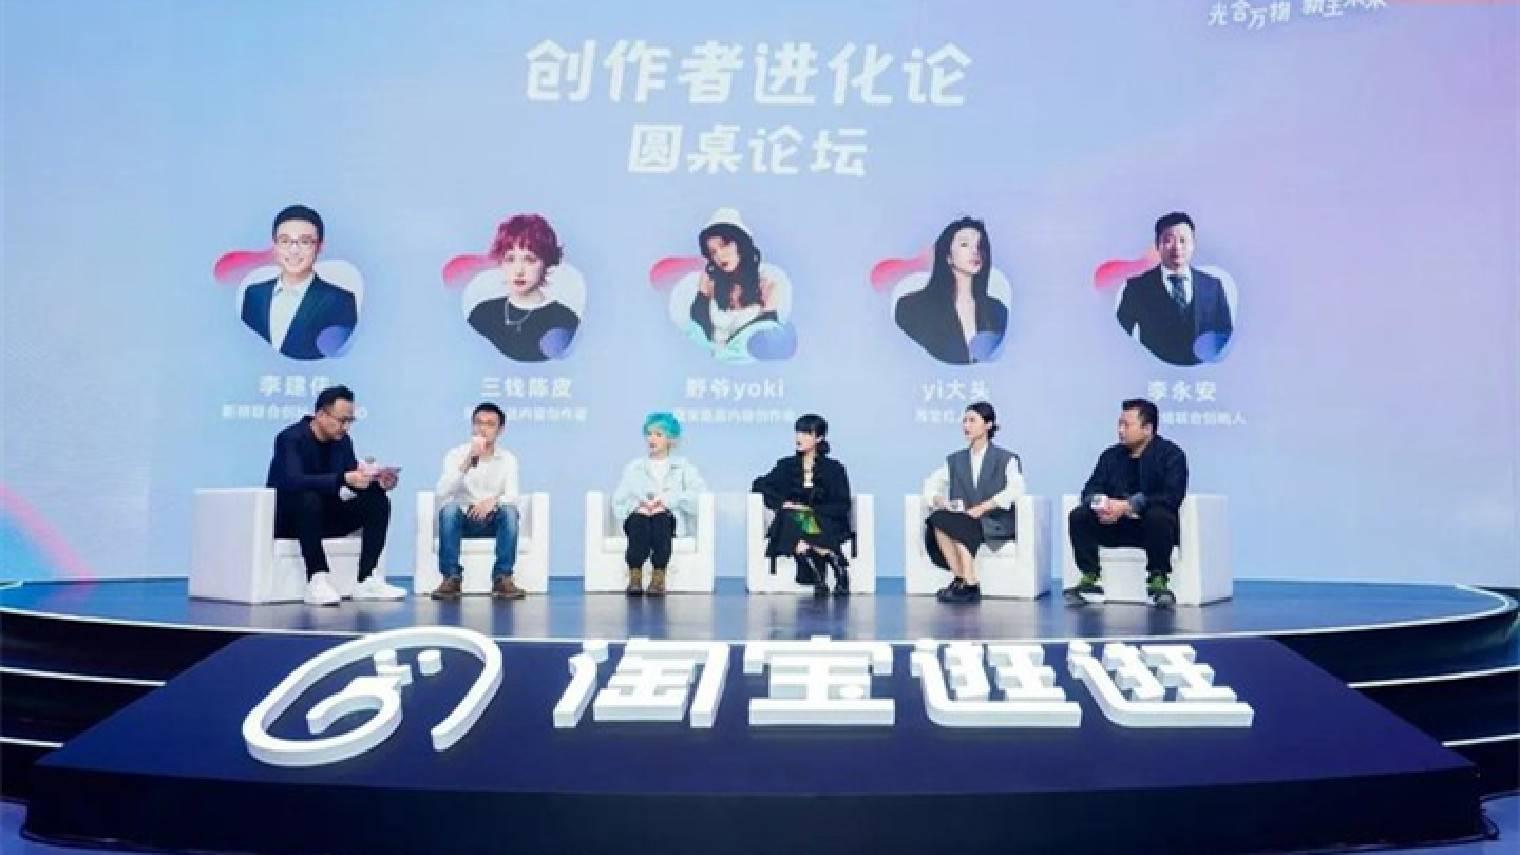 """淘宝逛逛新平台上线,双11前孵化100个年入百万""""种草官"""""""